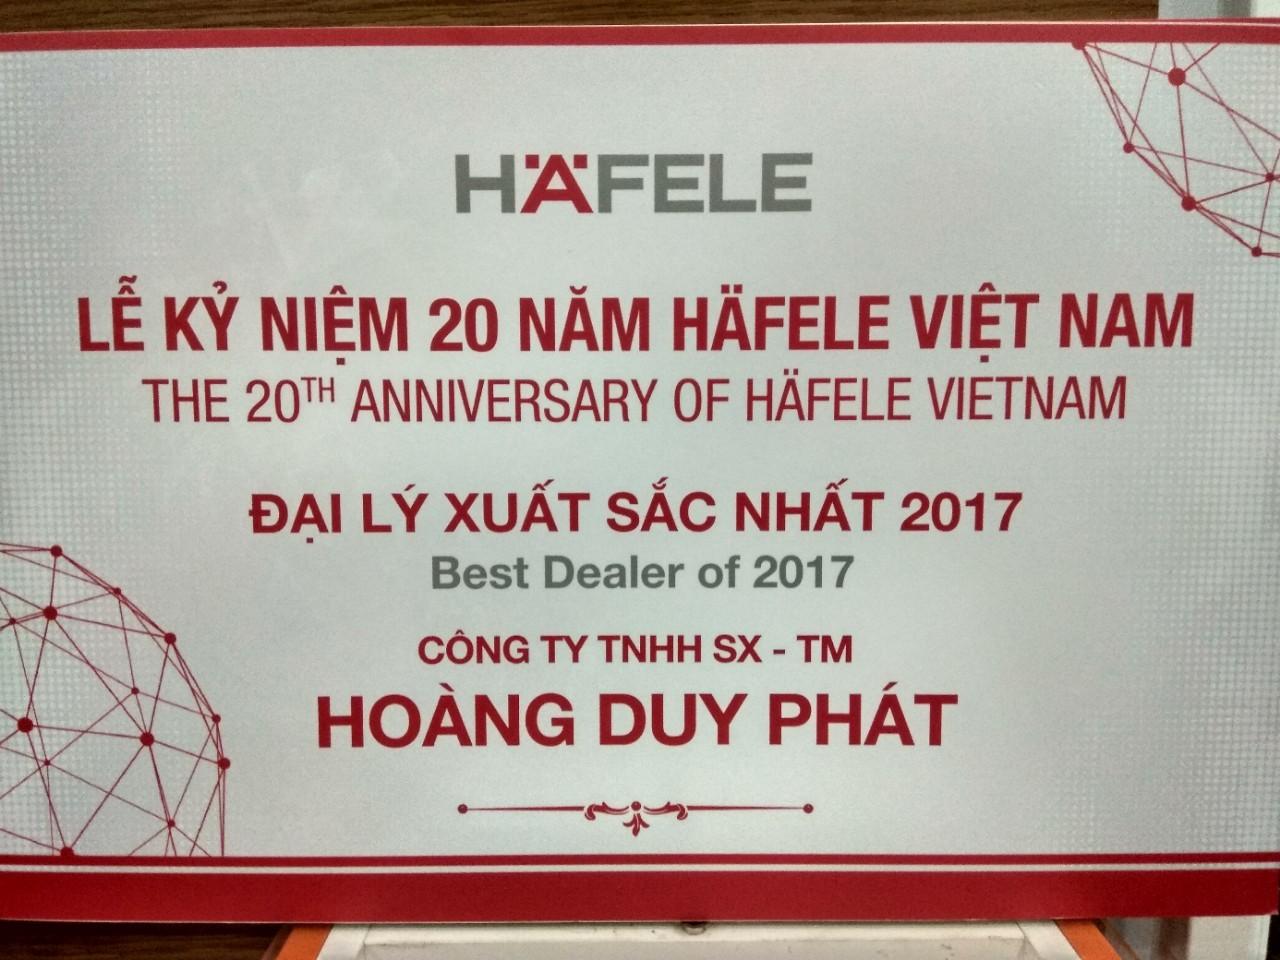 đại lý và nhà phân phối hafele xuất sắc 2017